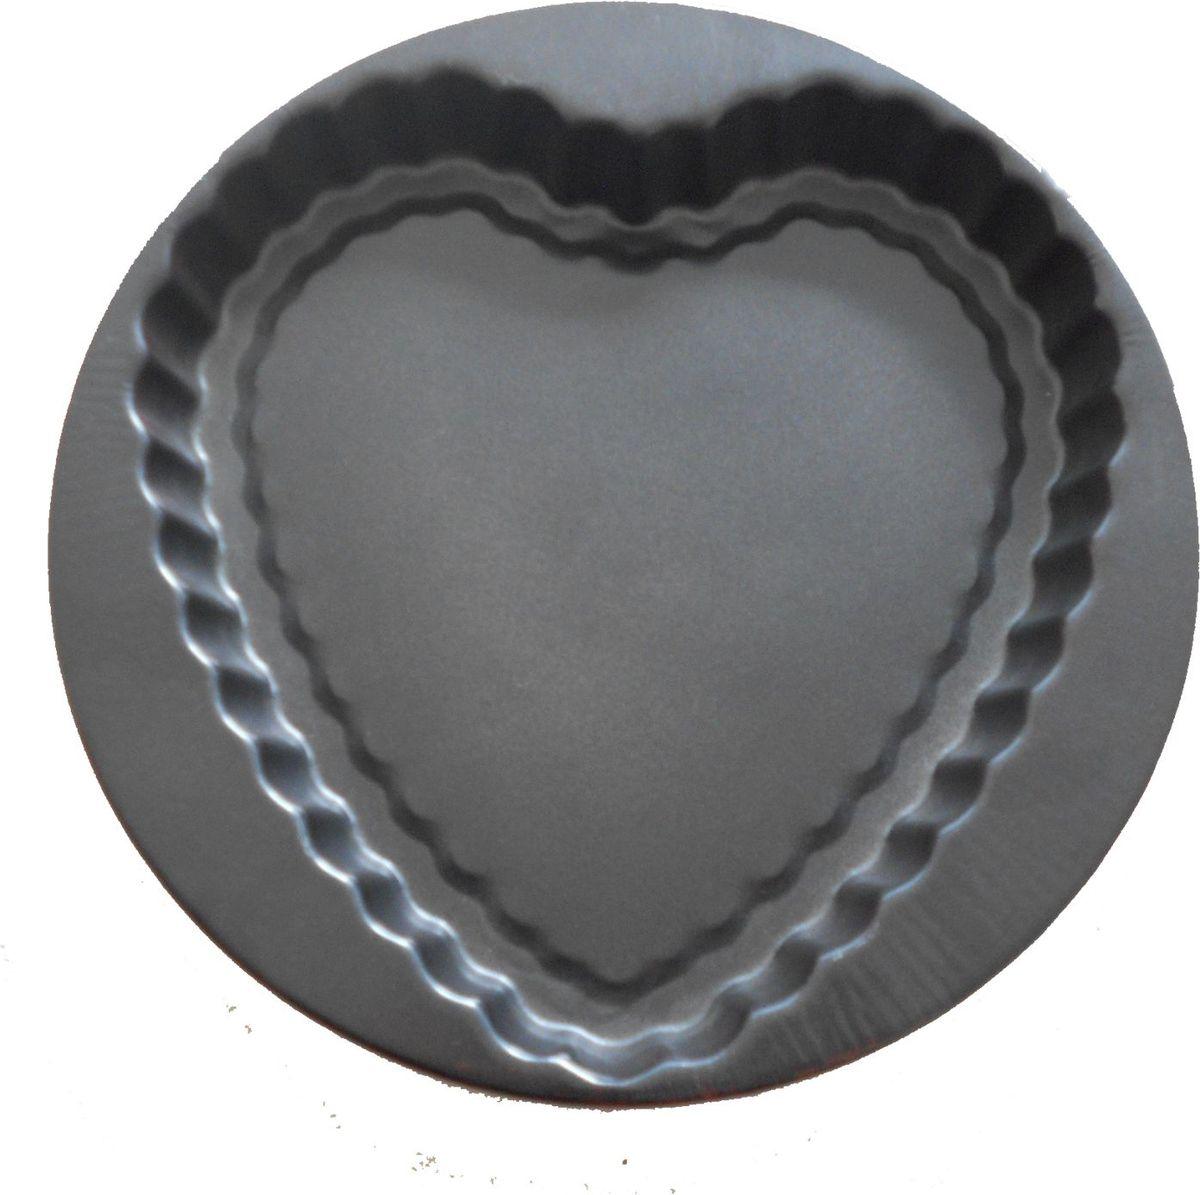 """Форма для выпечки """"Irit"""" изготовлена из листового железа. Форма имеет стойкое к истиранию антипригарное покрытие GOLDFLON. Подходит для использования в газовых и электрических духовках. Можно мыть в посудомоечной машине."""